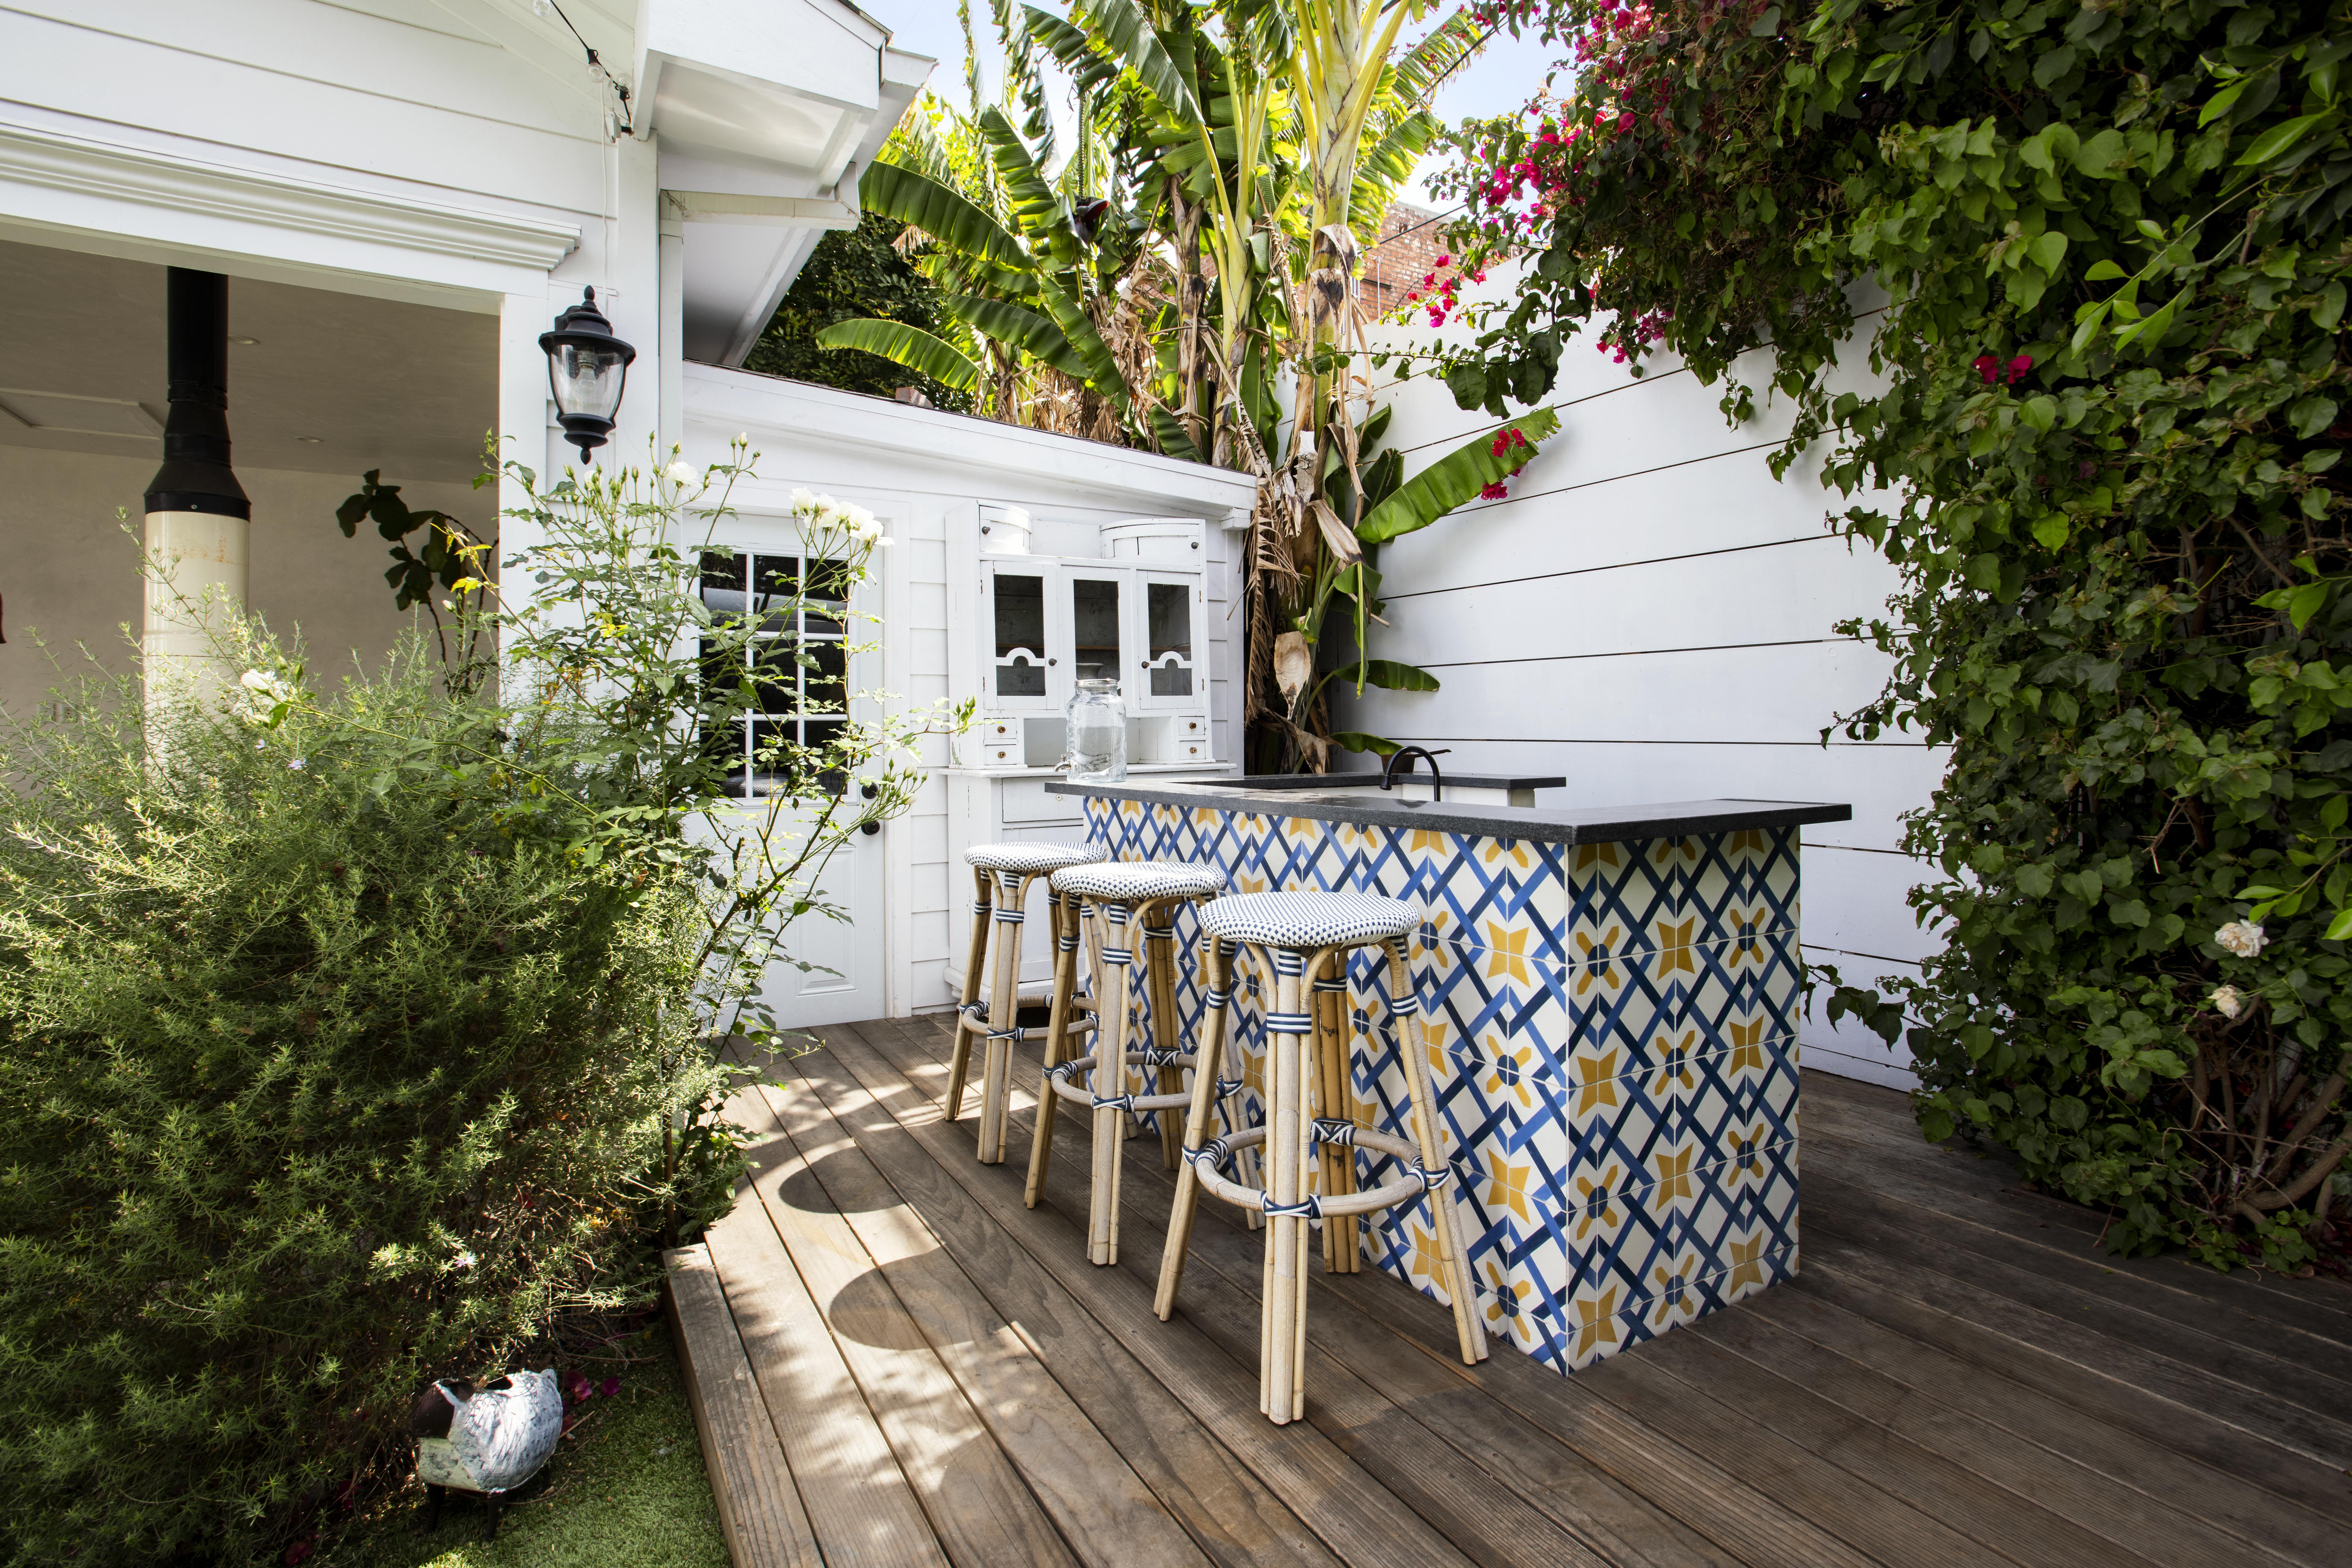 Casa de Margot Robbie à venda